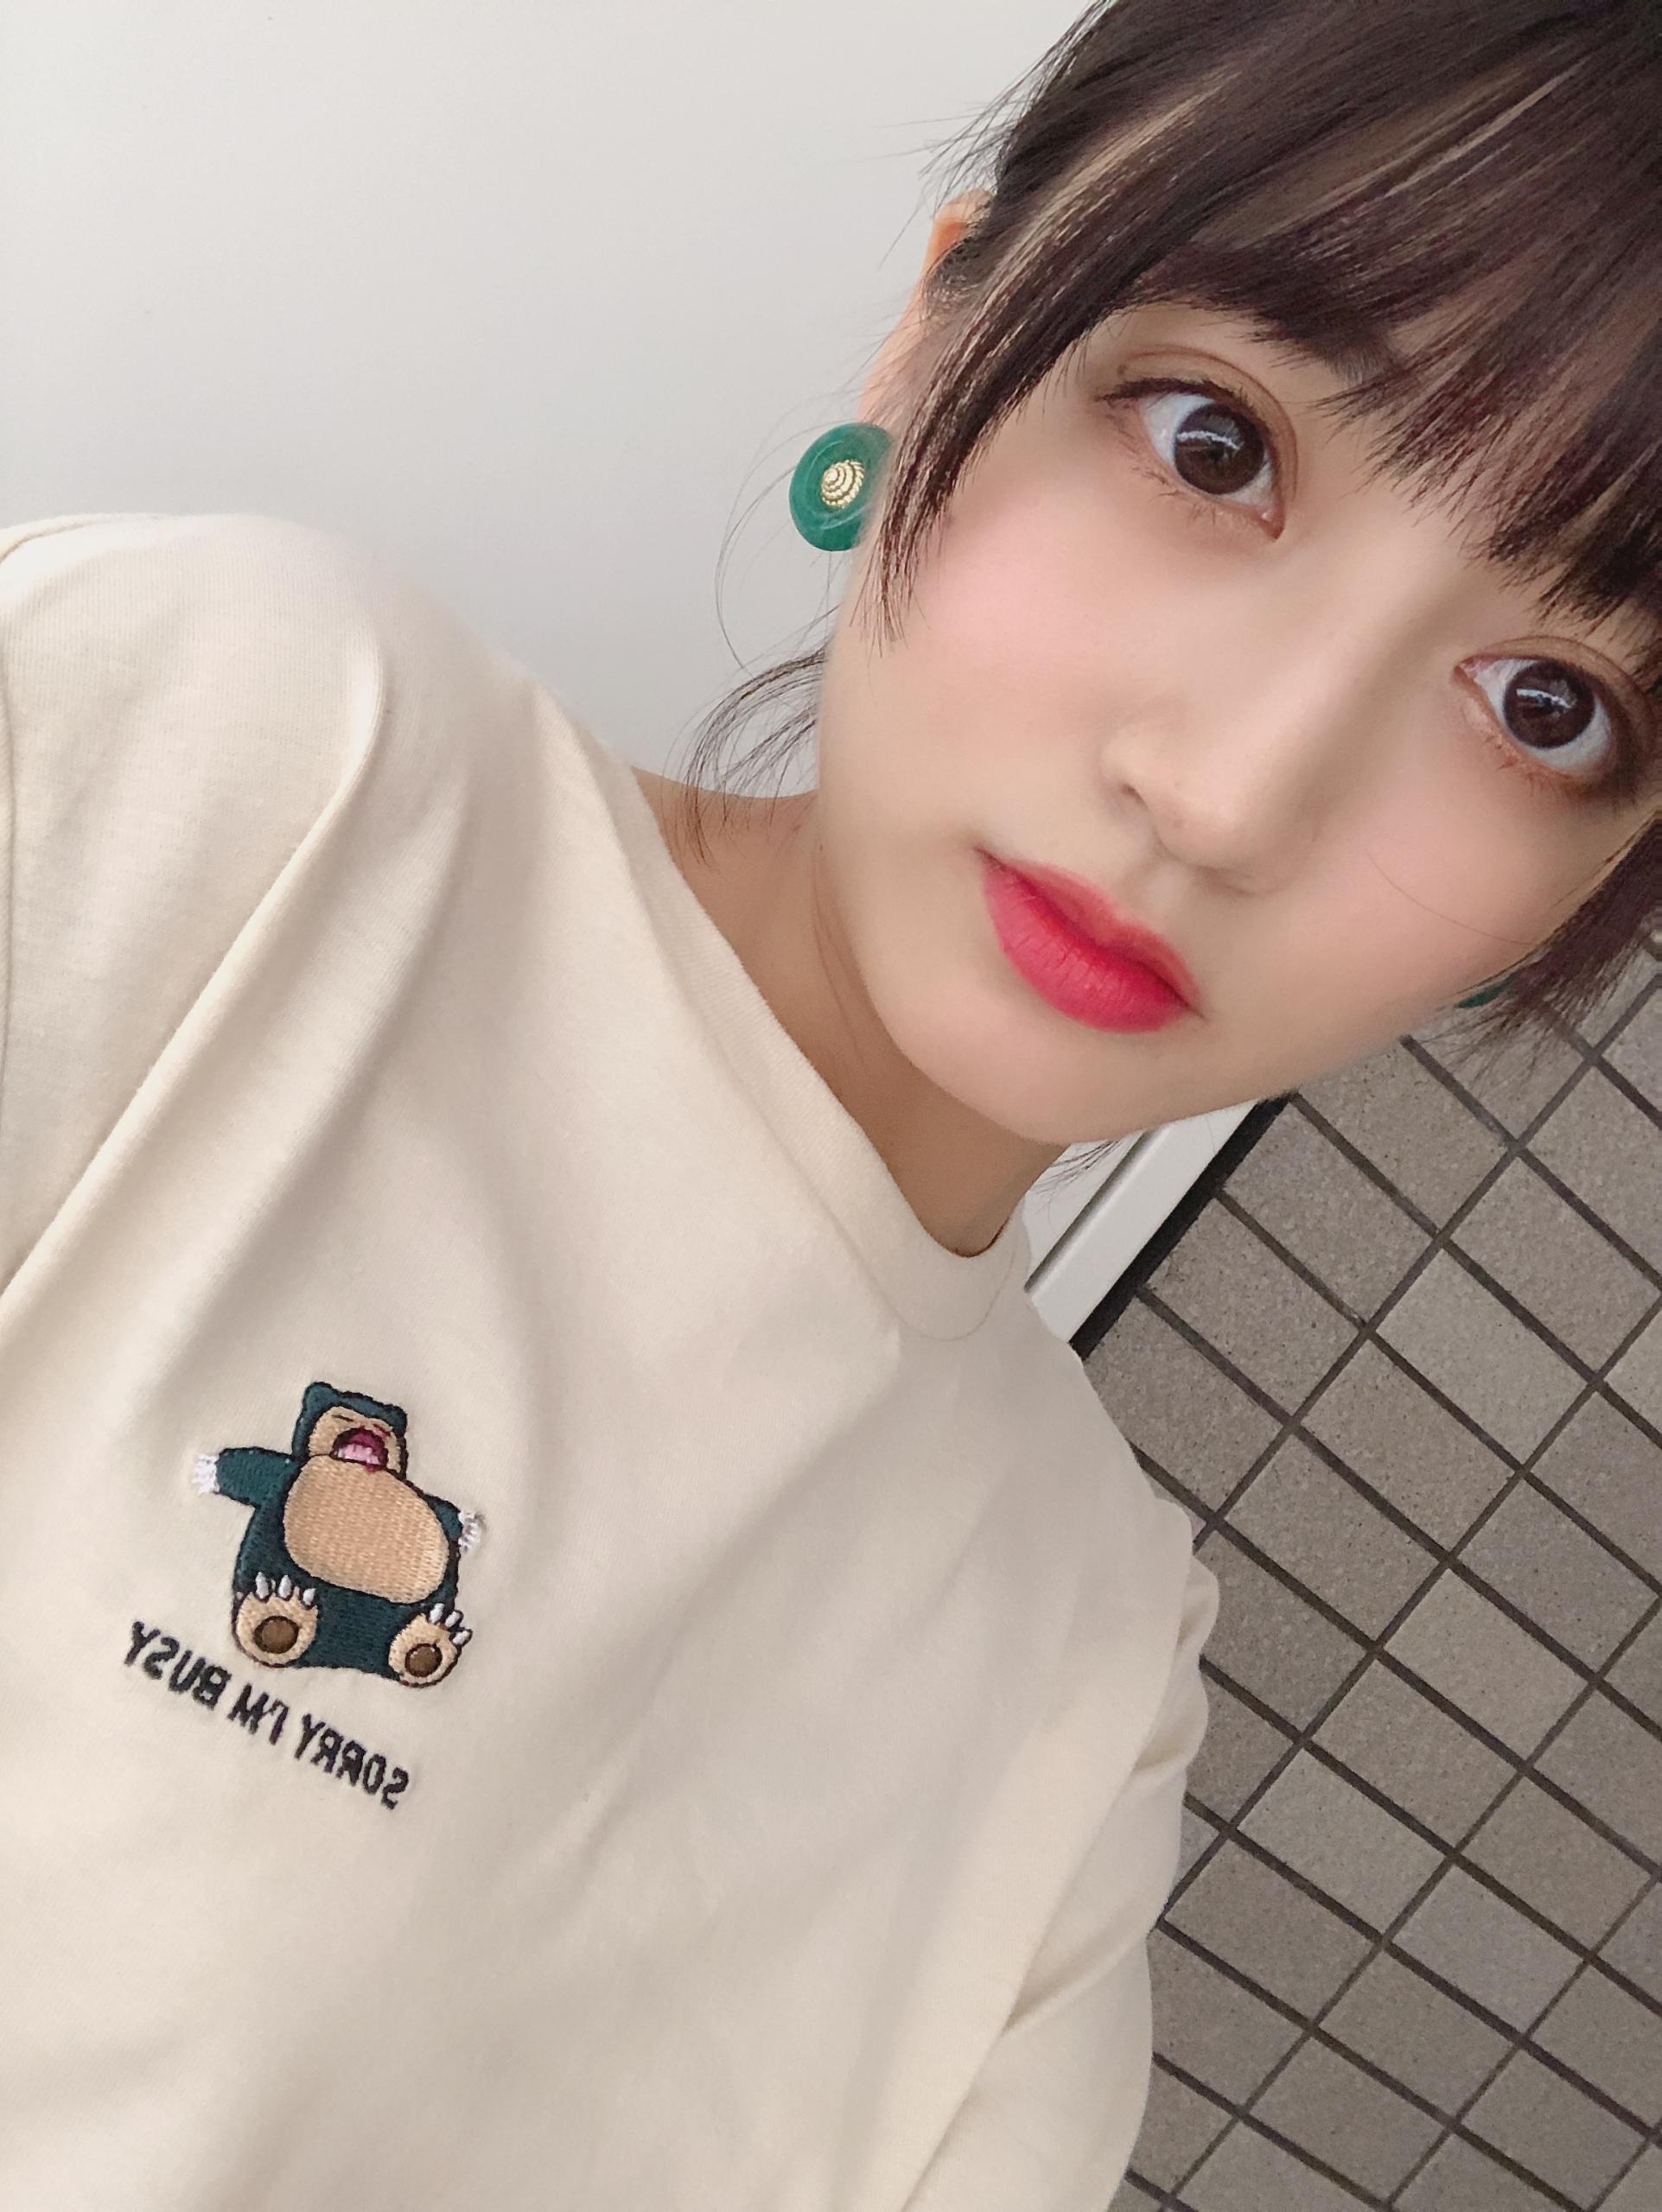 ポケモンTシャツが可愛い件について❤︎❤︎❤︎_1_2